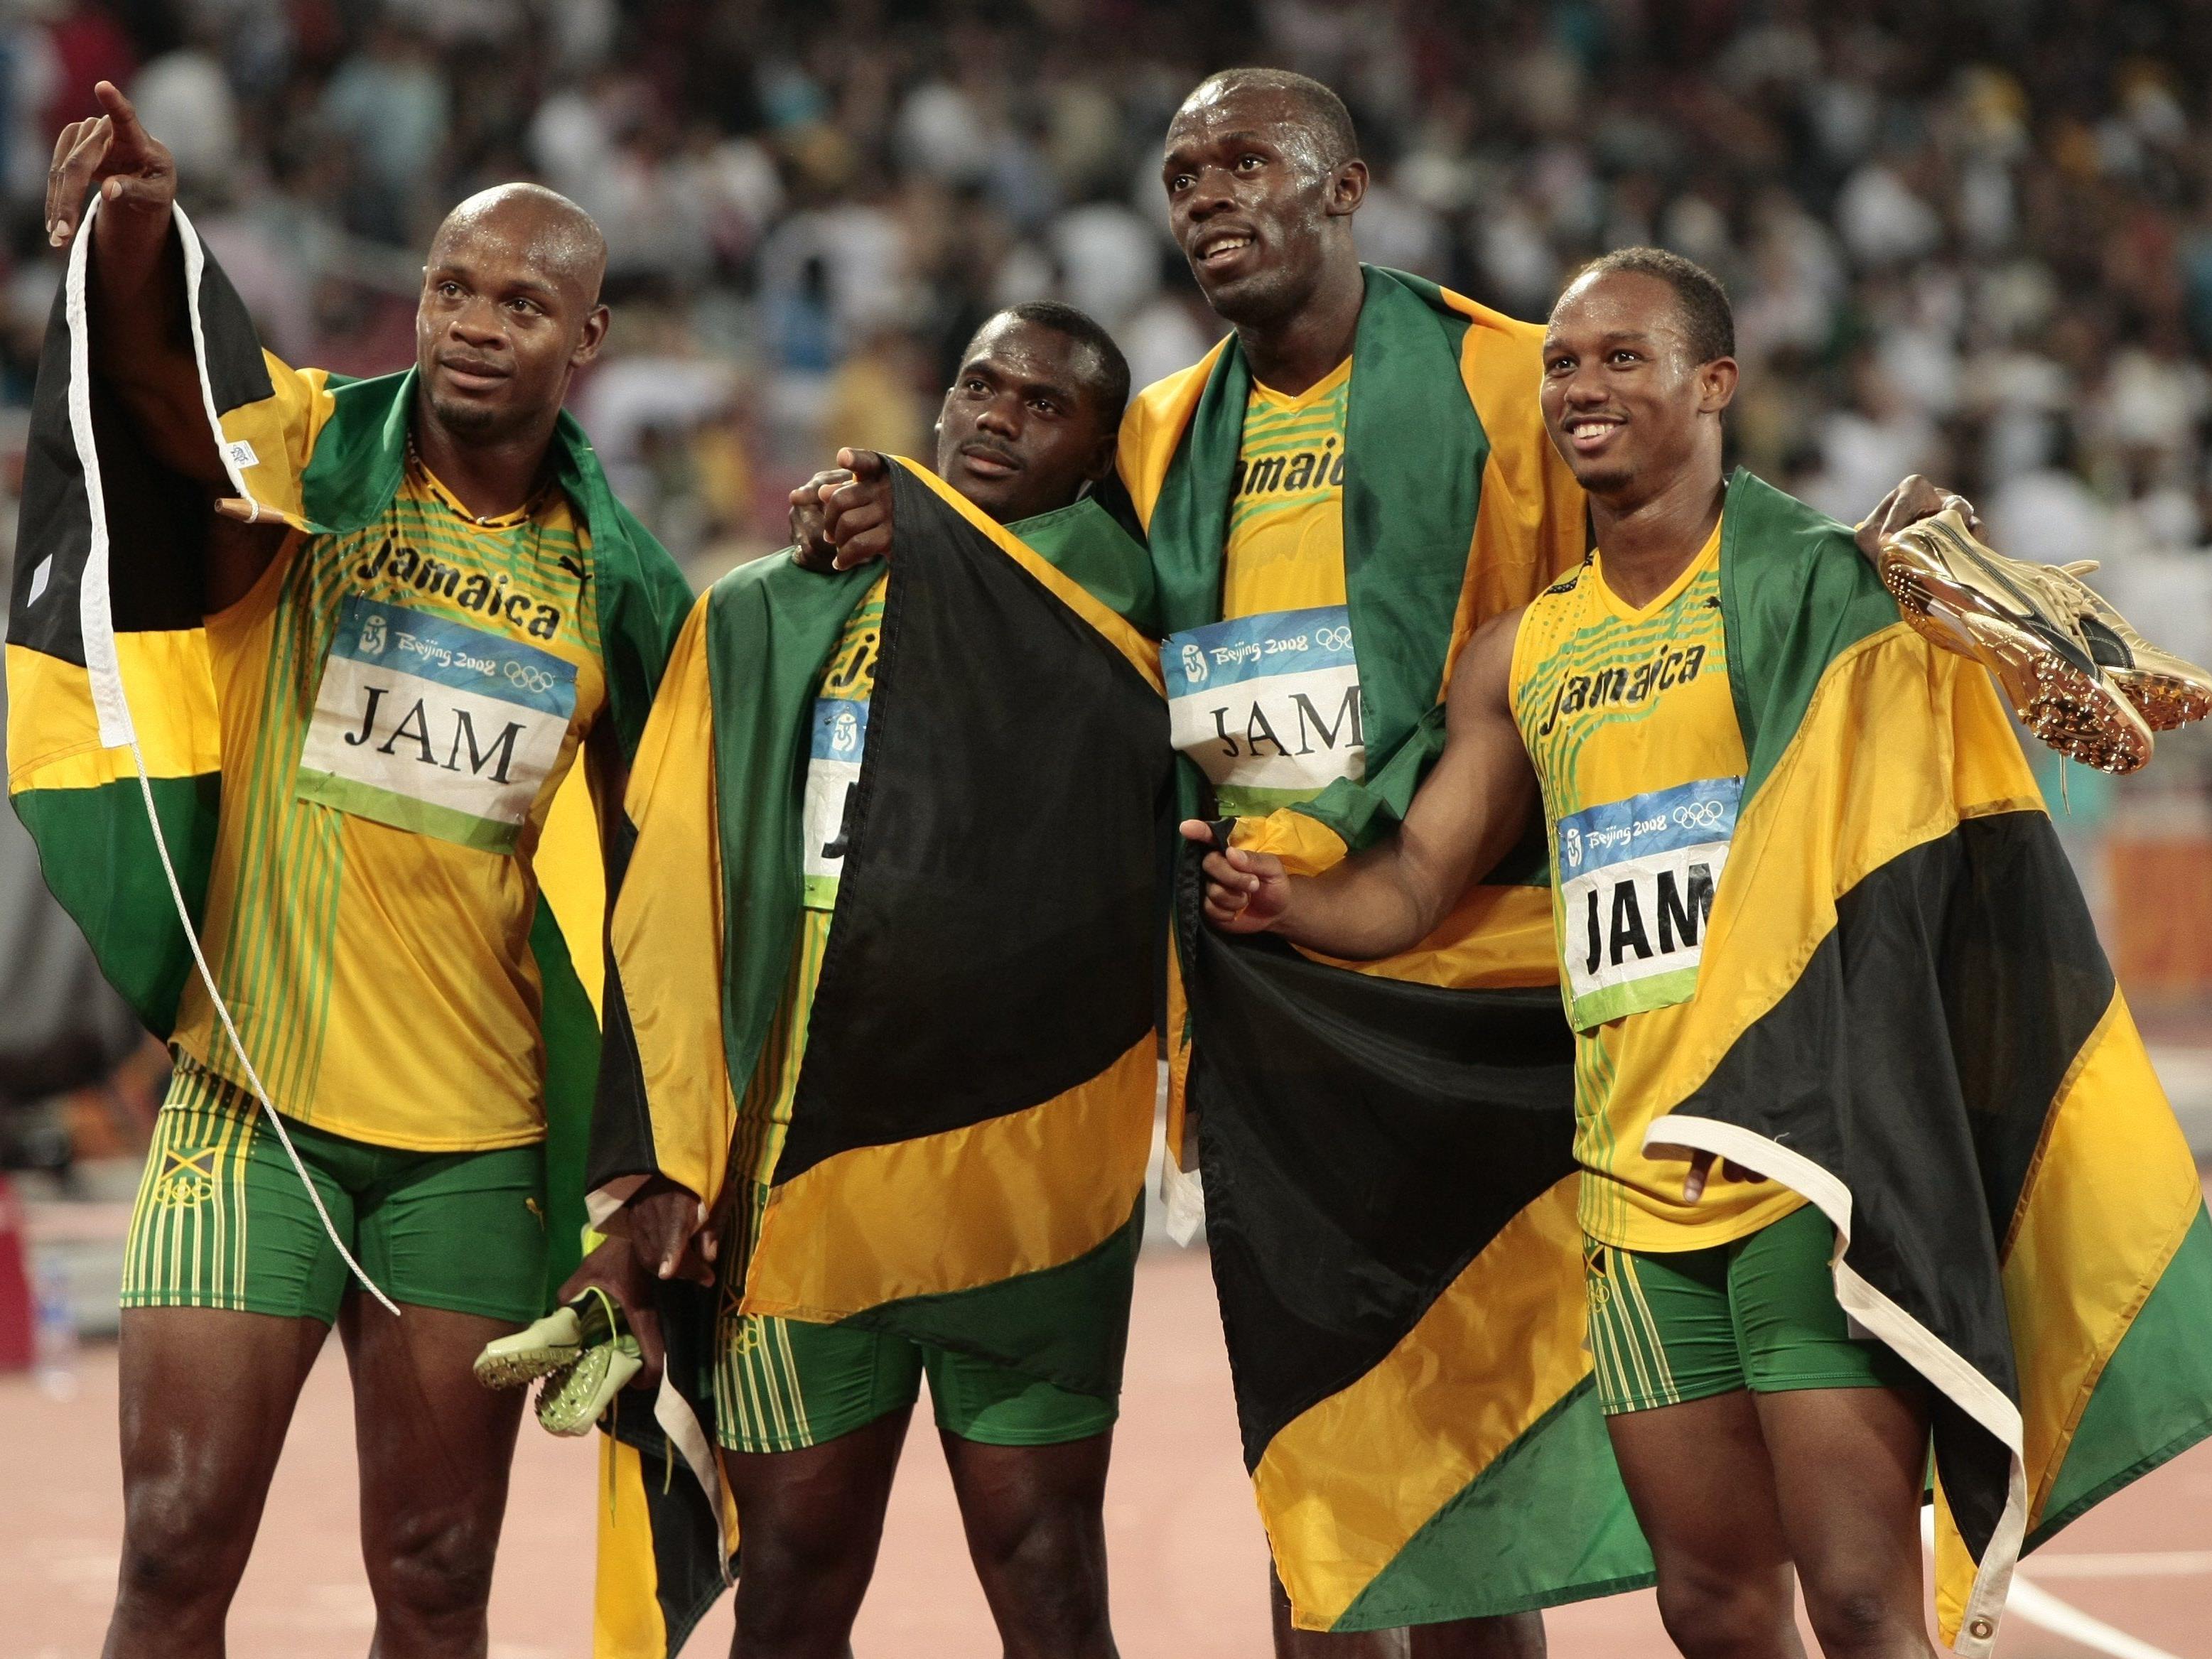 Jamaikas Sprintstaffel verliert die Goldmedaille von 2008.